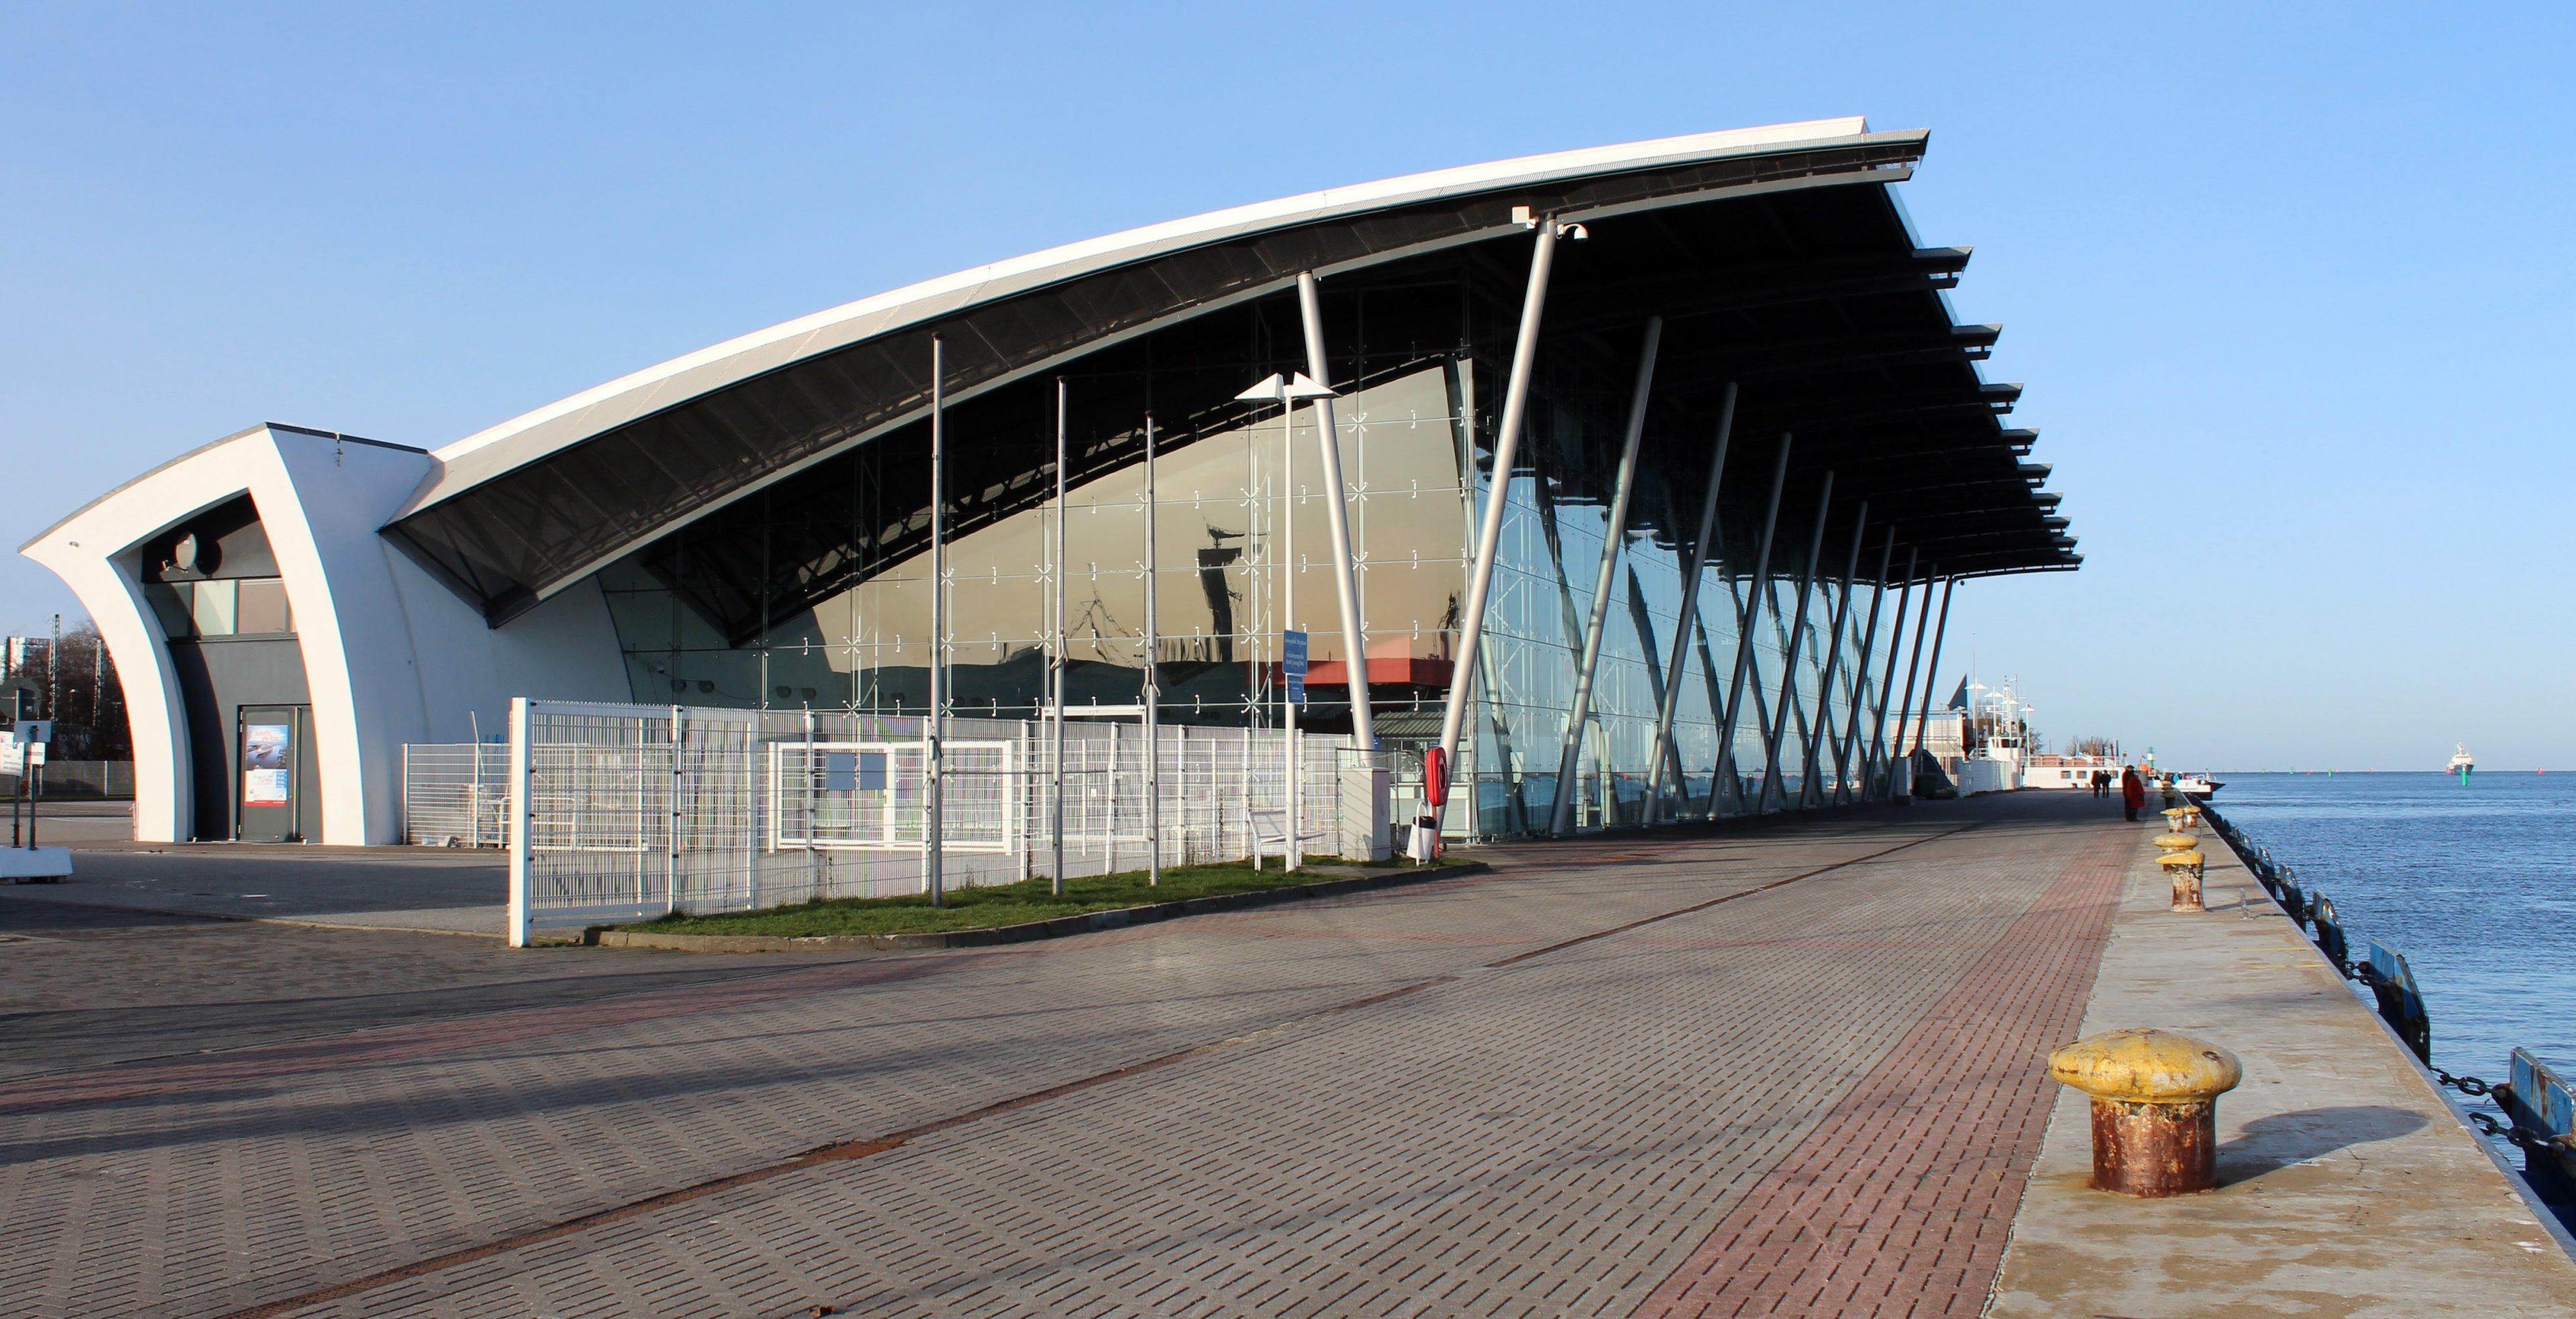 Projekte Cruise Center Warnemünde 3 Stephan-Scheffler GmbH